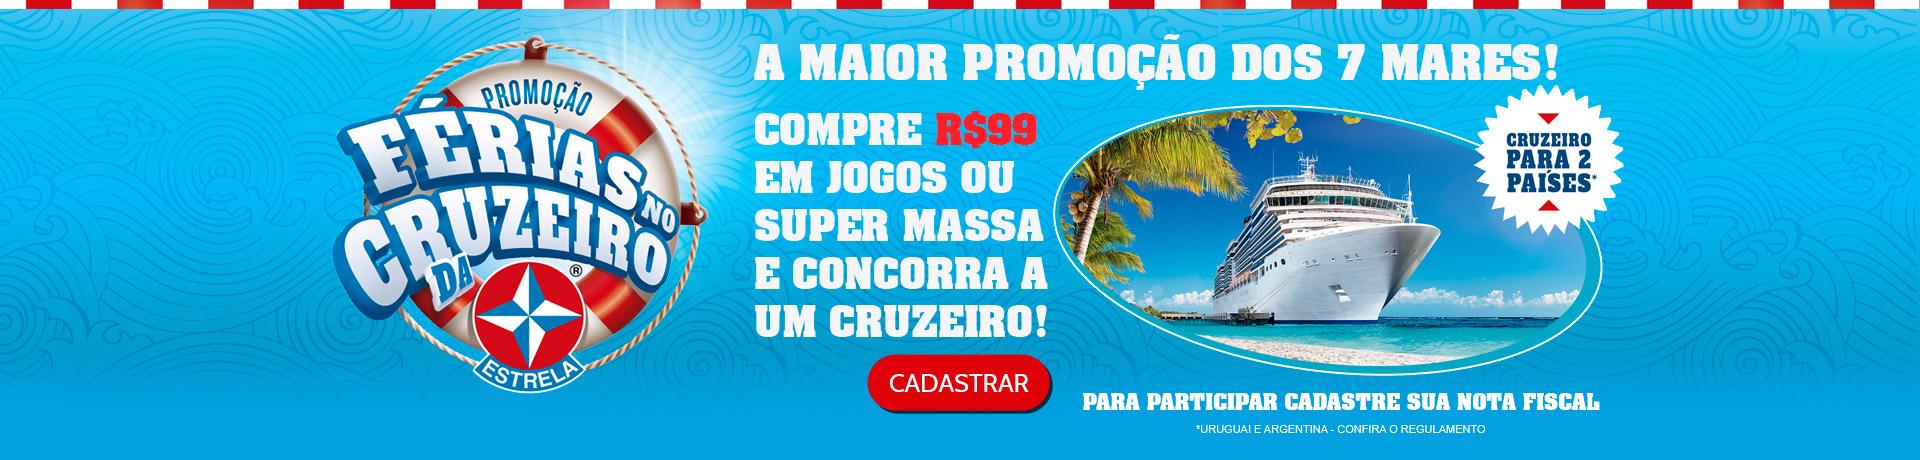 Promoção Cruzeiro da Estrela